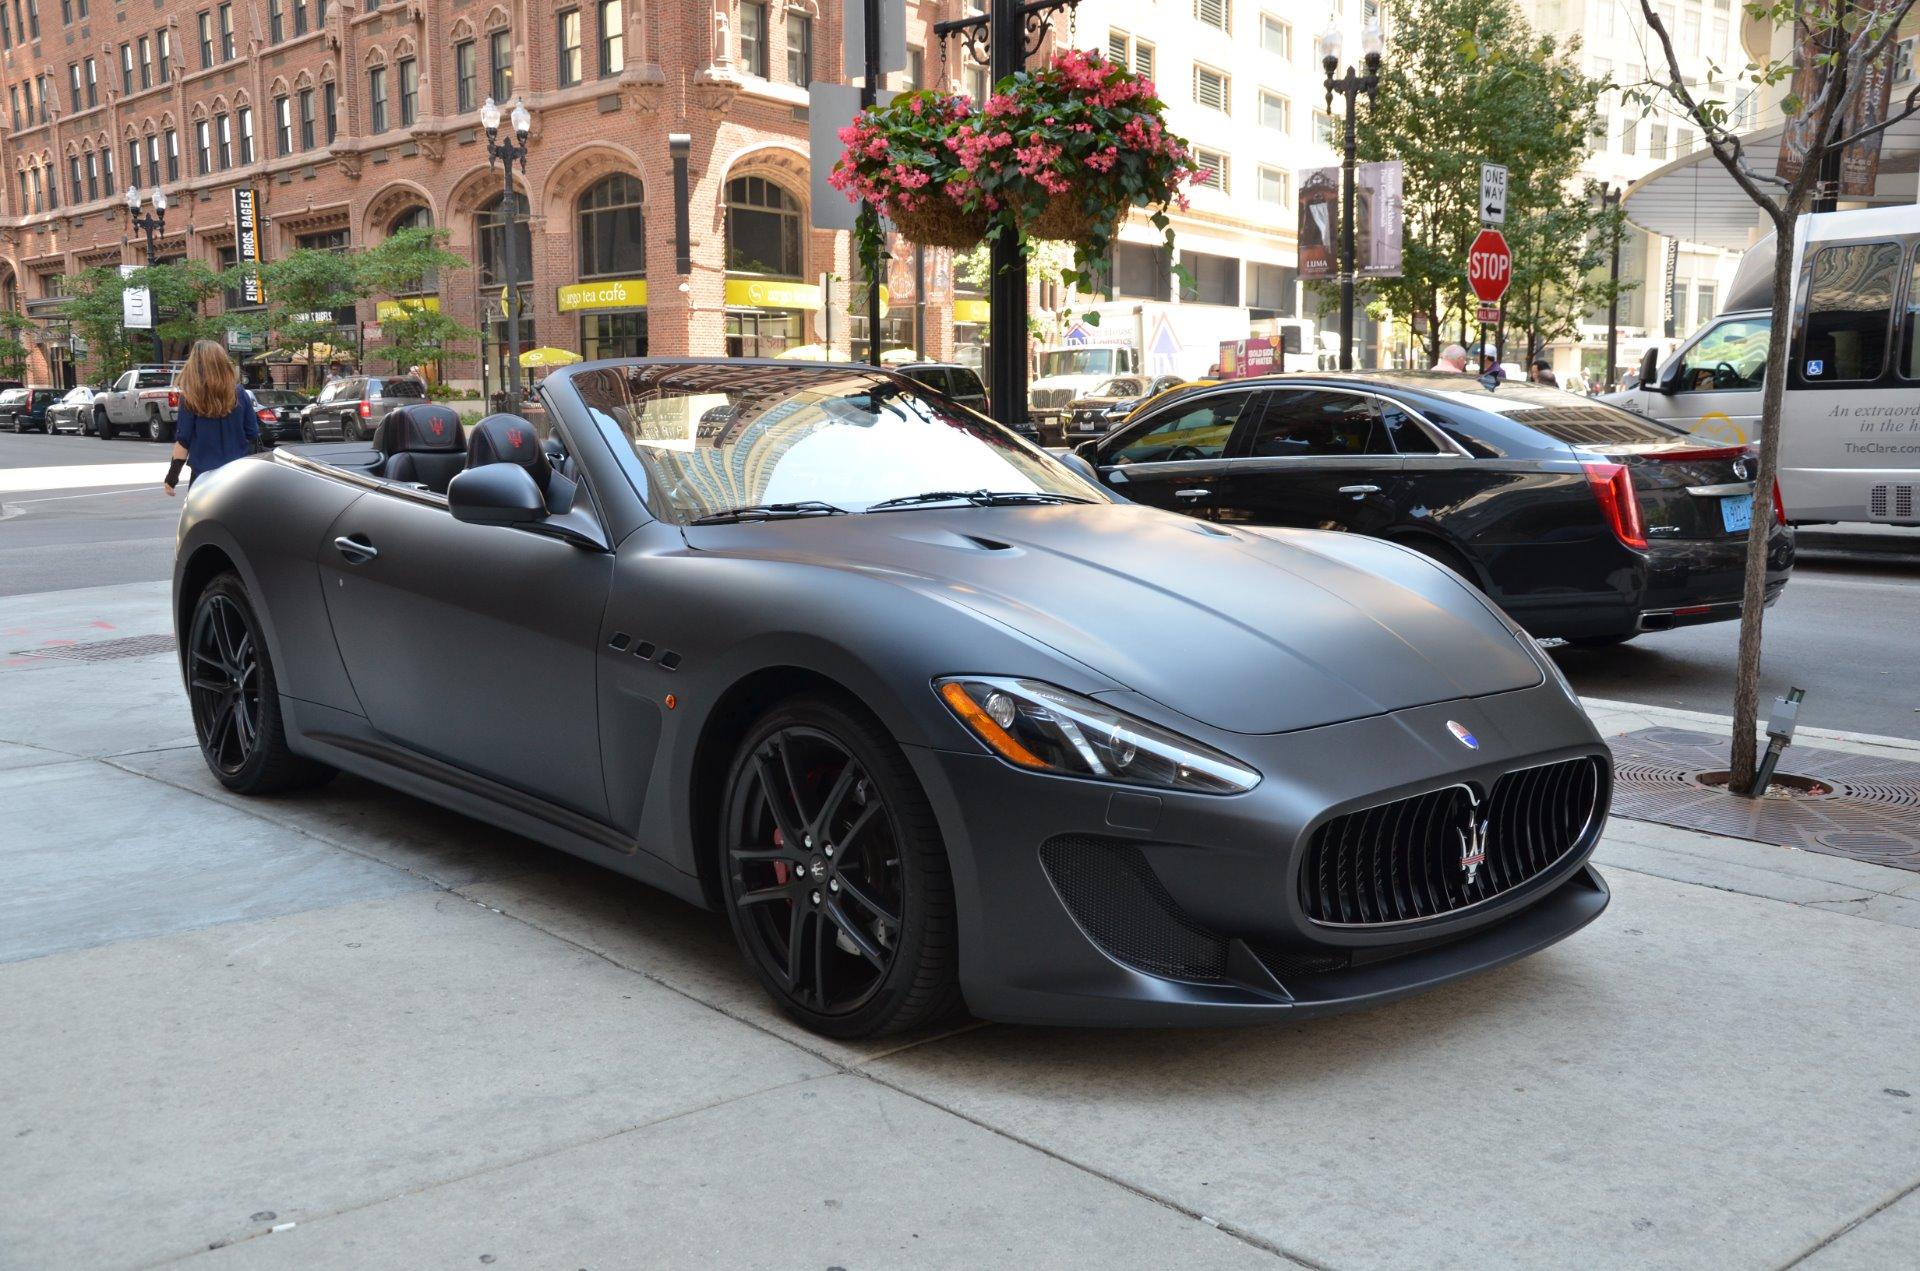 Maserati Granturismo Convertible Mc - Supercars Gallery